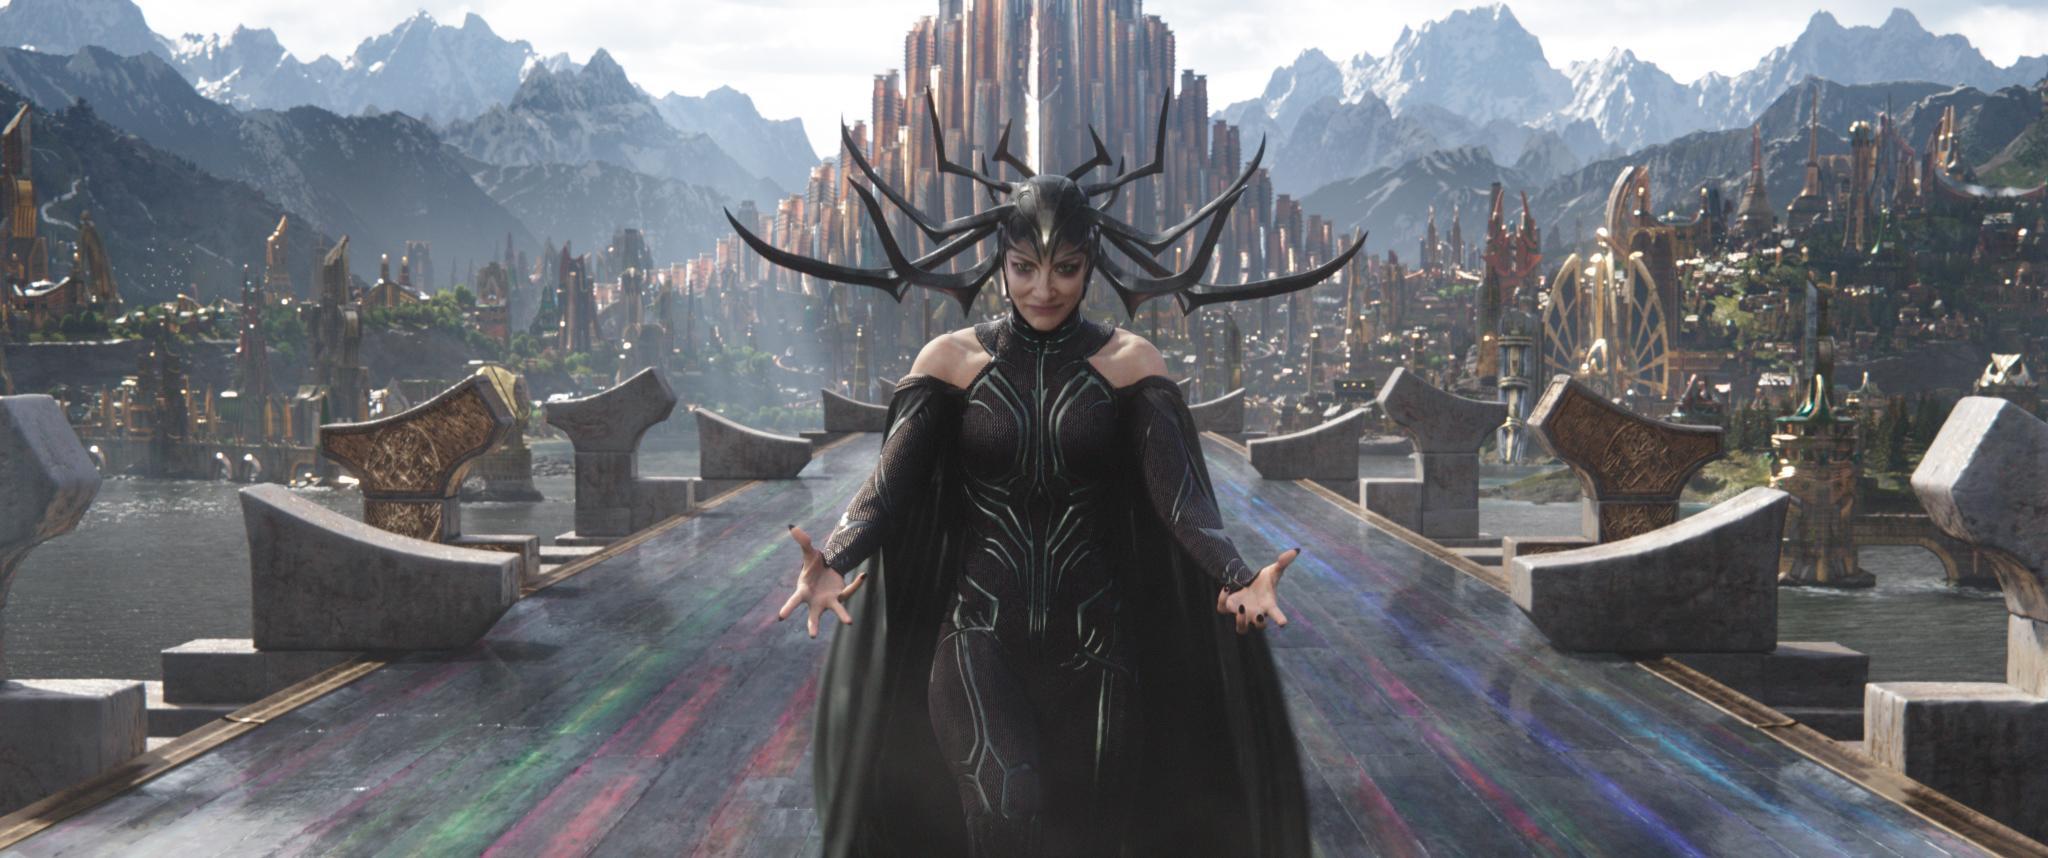 Thor: Ragnarok, Hela (e Cate Blanchett) si presentano in due nuove ...